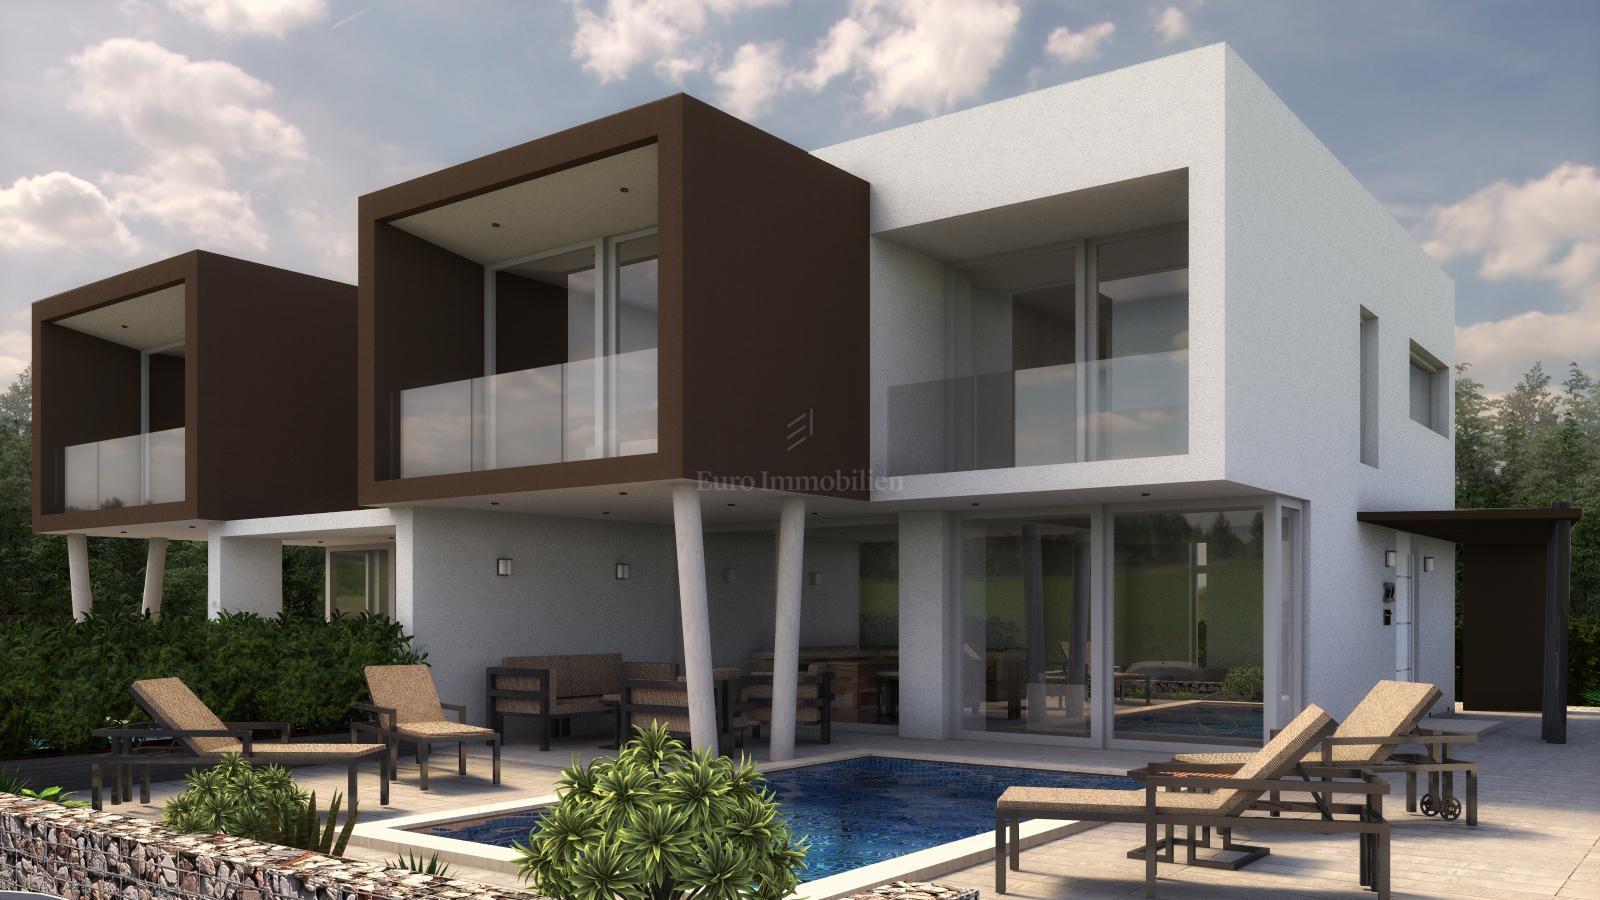 Villa Duplex Design modern duplex villa with swimming pool, garden and three parking